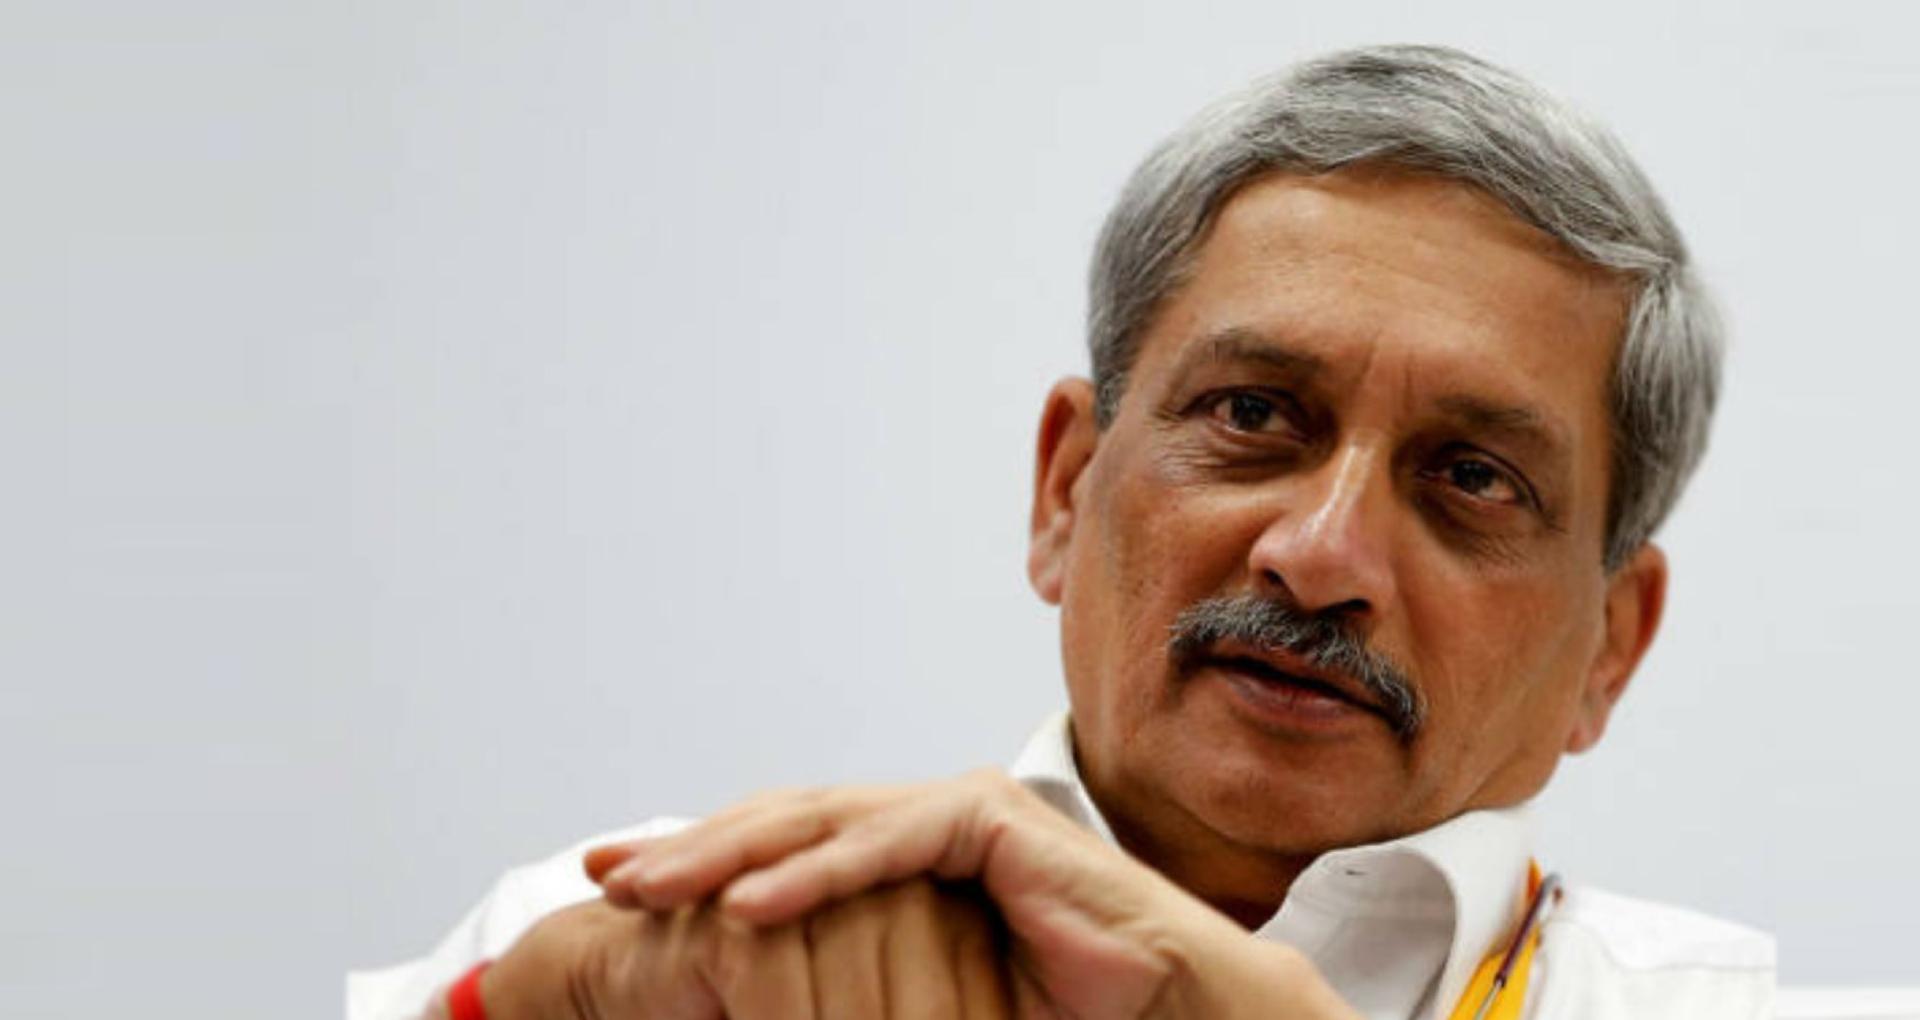 नहीं रहे गोवा के मुख्यमंत्री मनोहर पर्रिकर, राष्ट्रपति सहित इन हस्तियों ने यूं जताया शोक